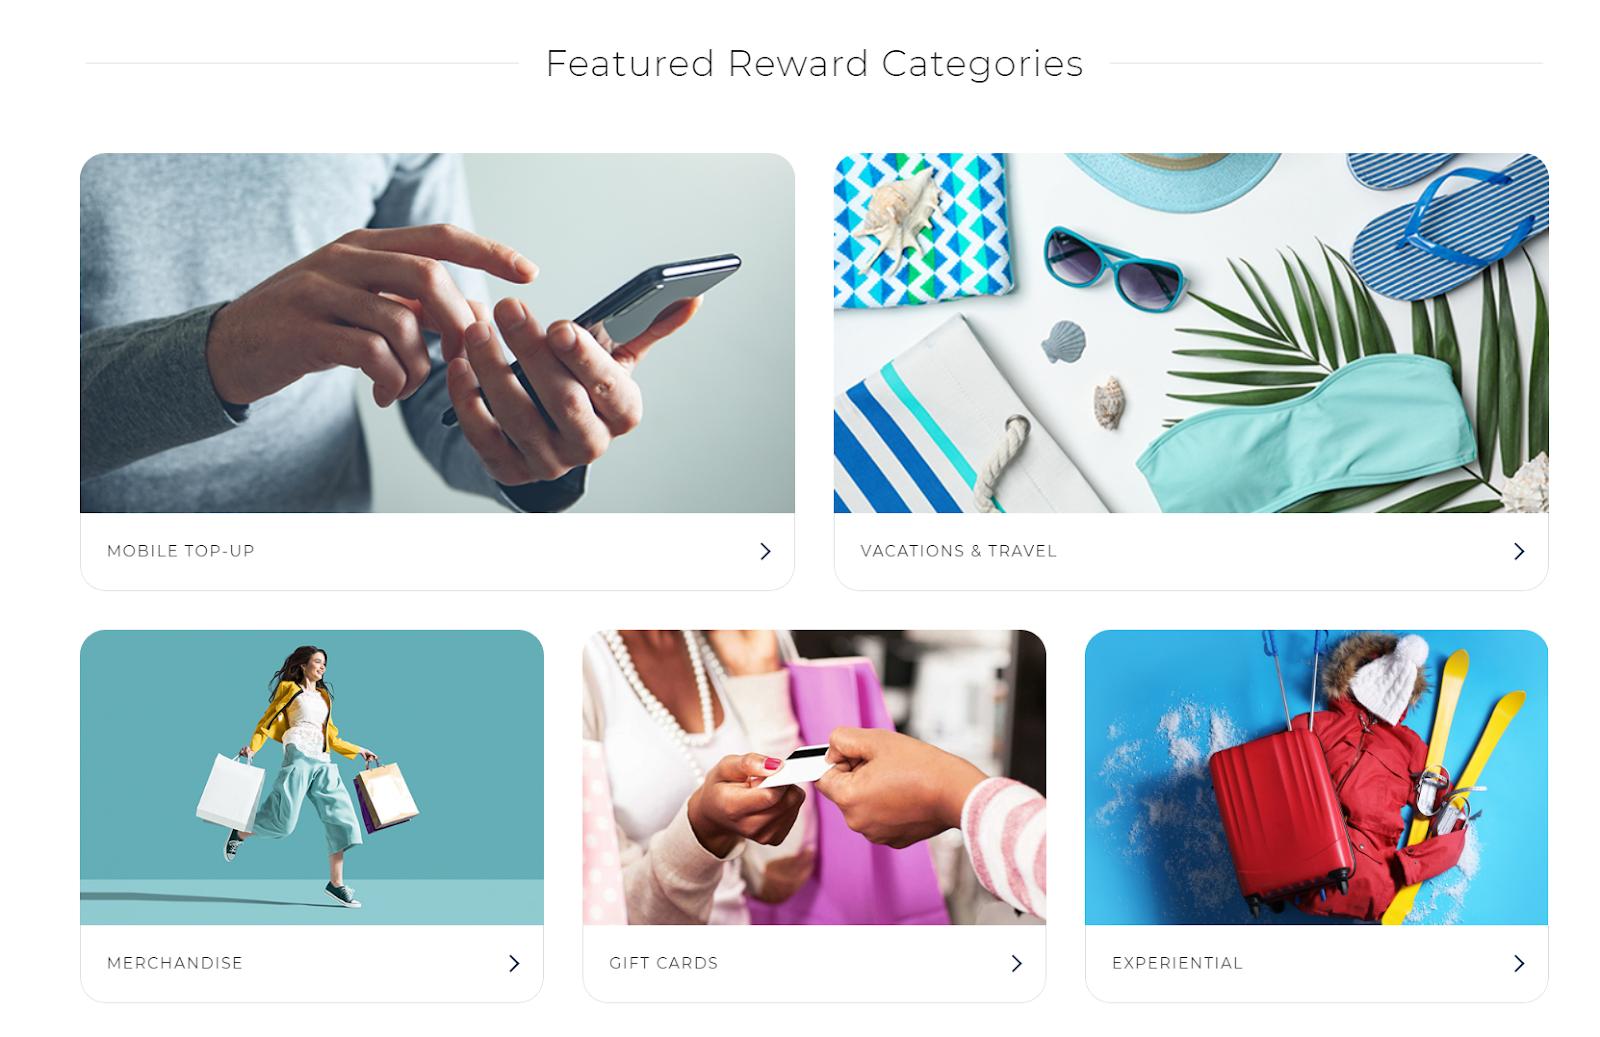 Featured Rewards